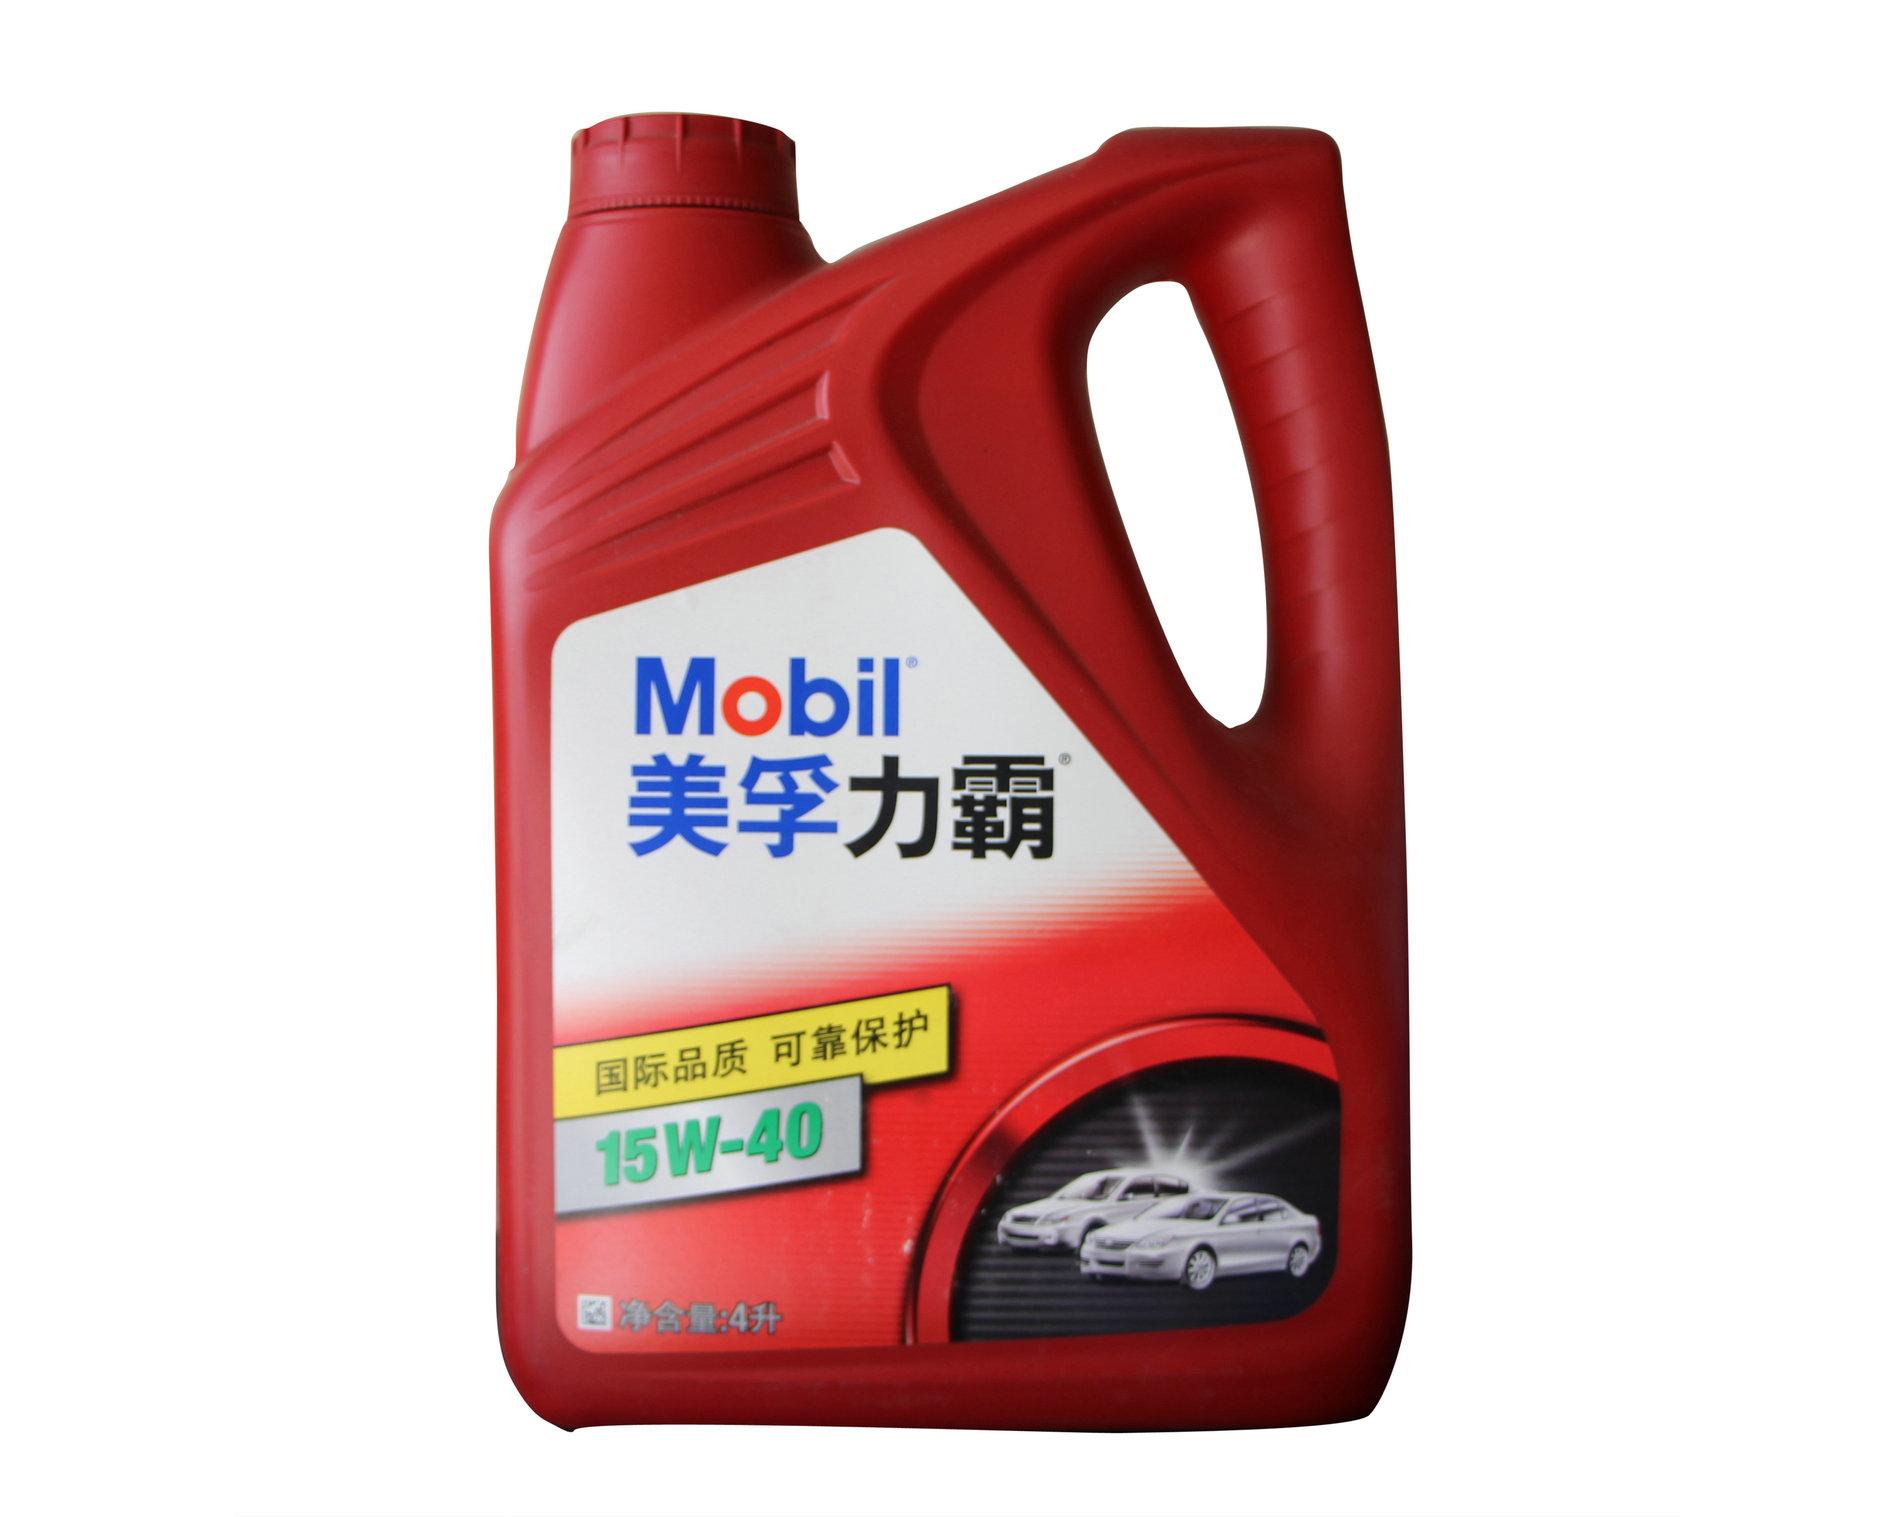 通俗得教你认识和选择一款合适汽车润滑油